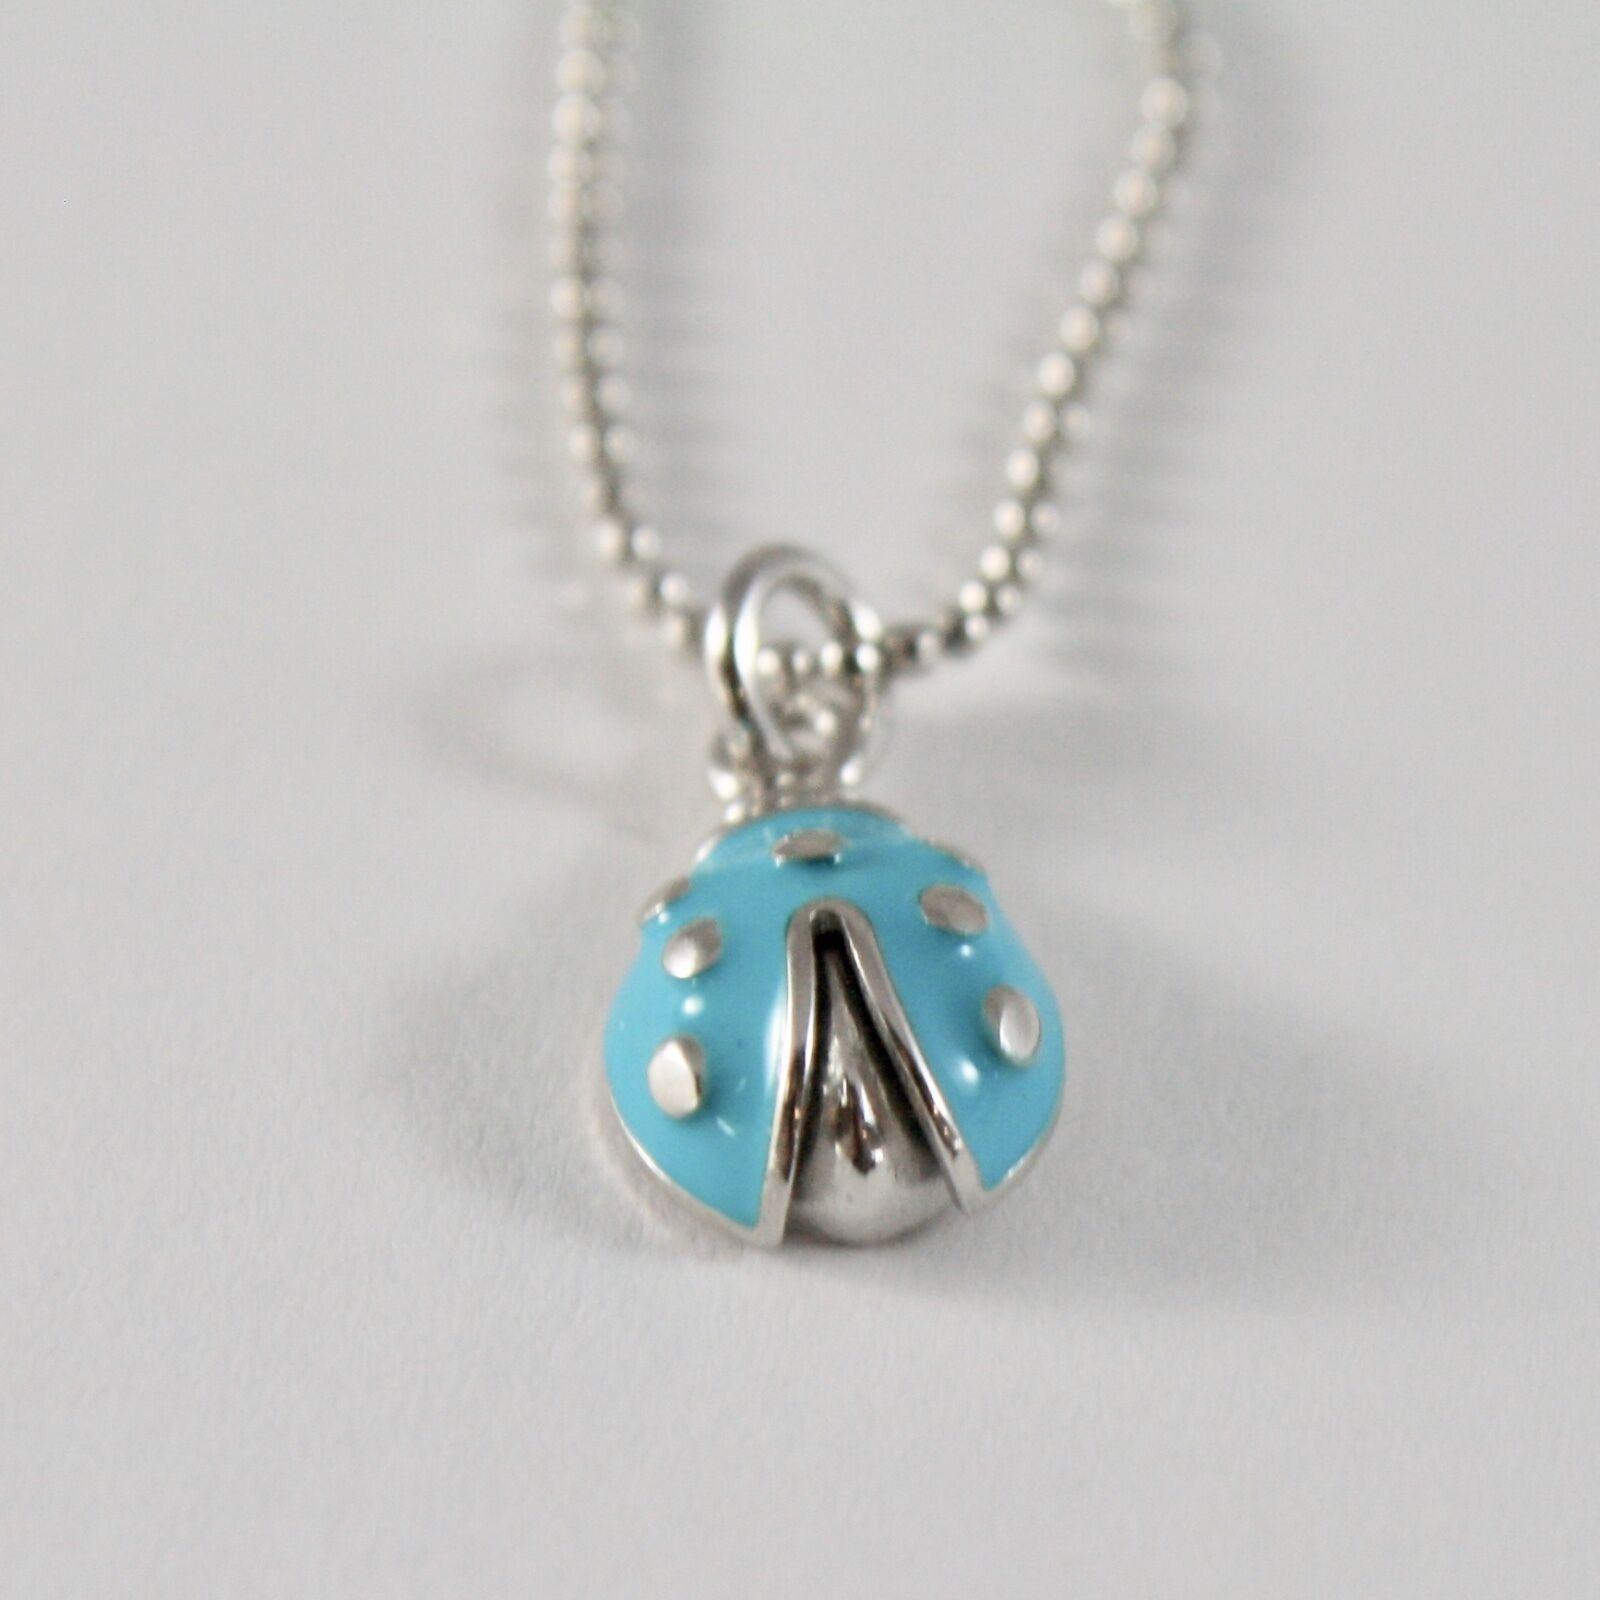 Silberkette 925 Jack&co mit Kugeln Glänzend und Marienkäfer Emailliert 45 CM image 4